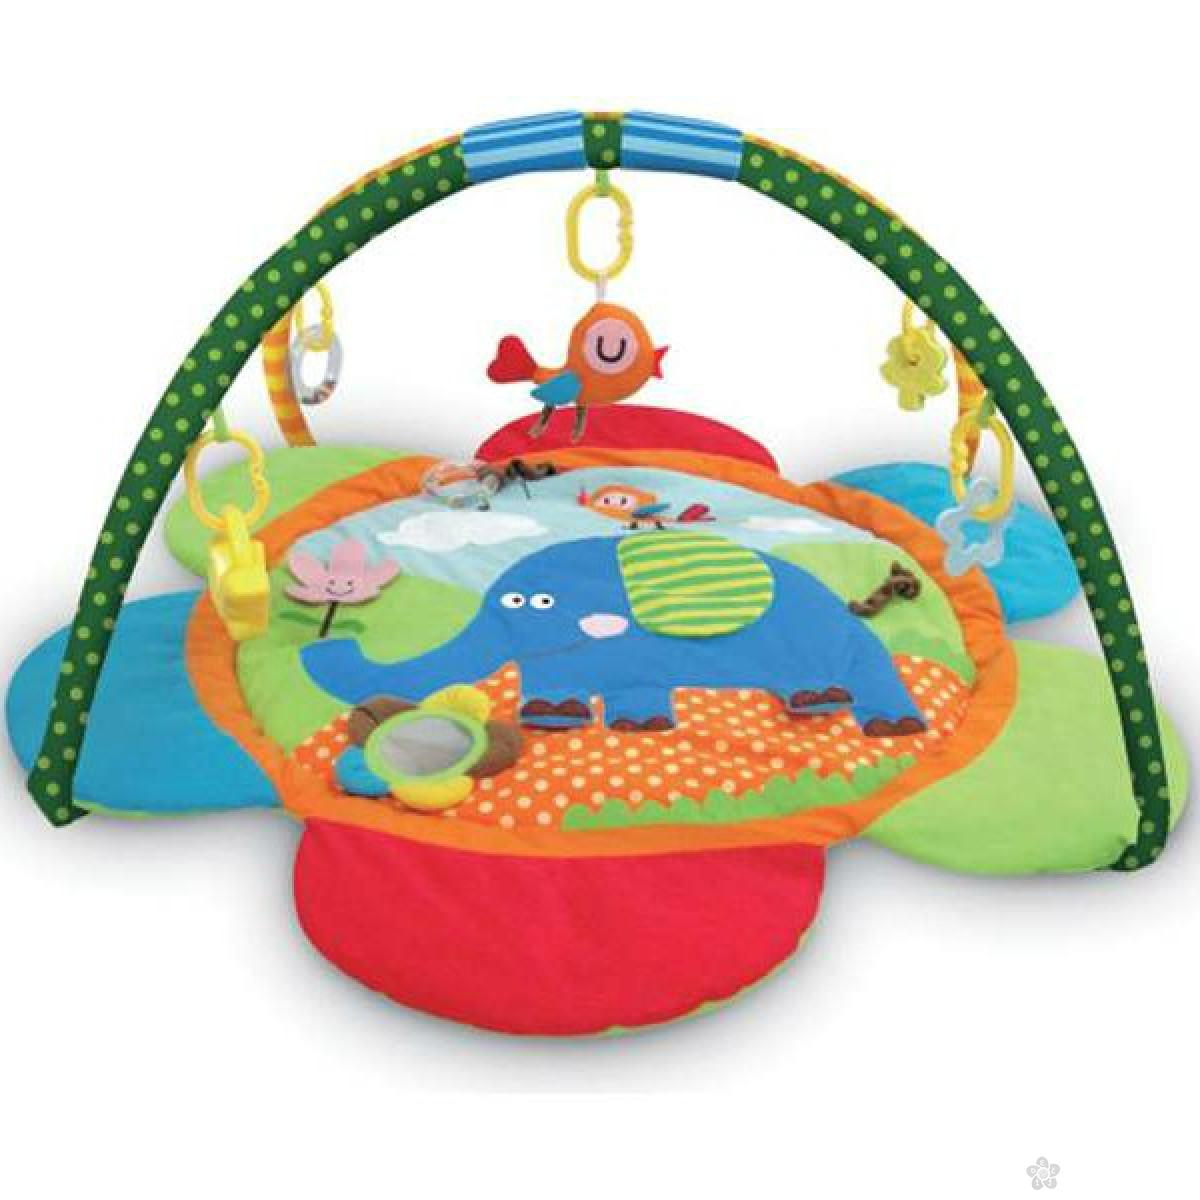 Baby Podloga za Igru Bimbo Kikka Boo, 31201010005